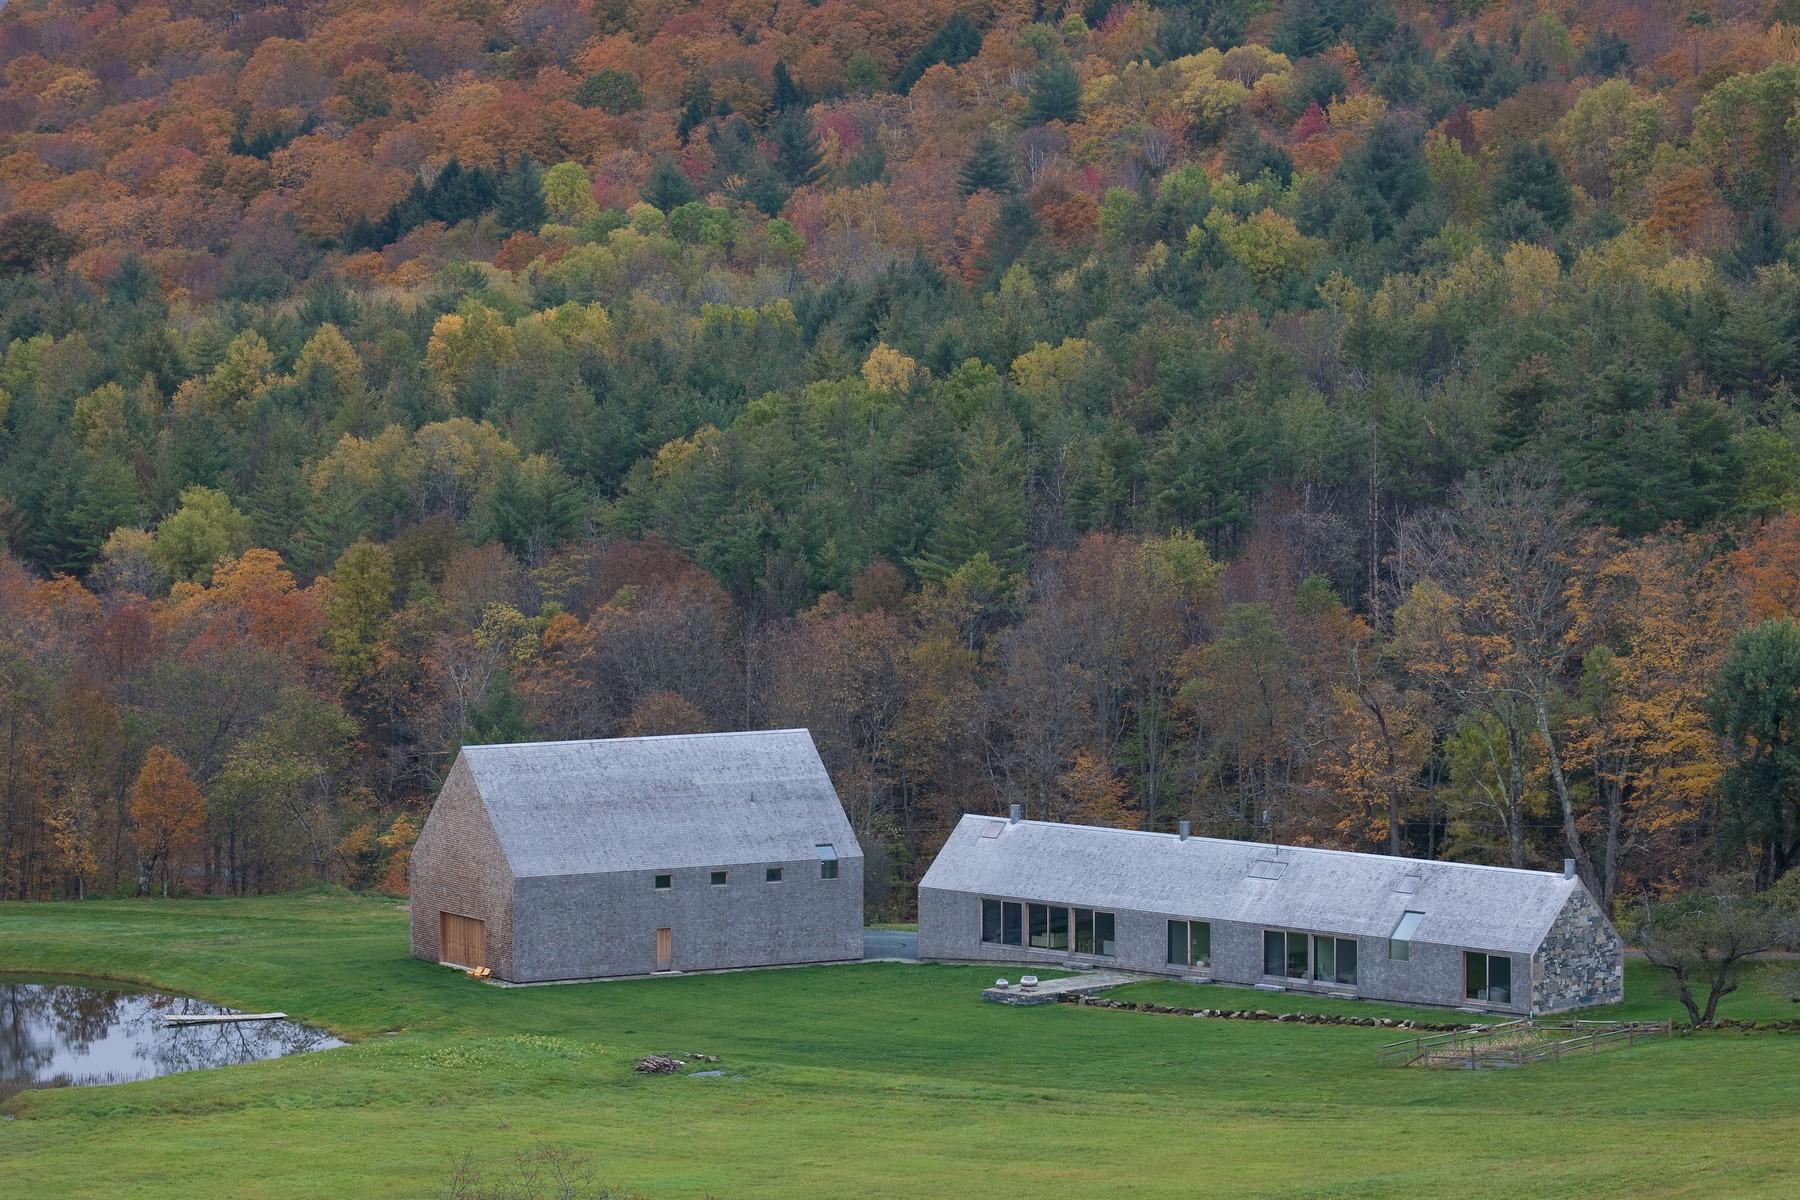 Maison unifamiliale pour l Vente à 1959 Cox District Rd, Woodstock Woodstock, Vermont, 05091 États-Unis